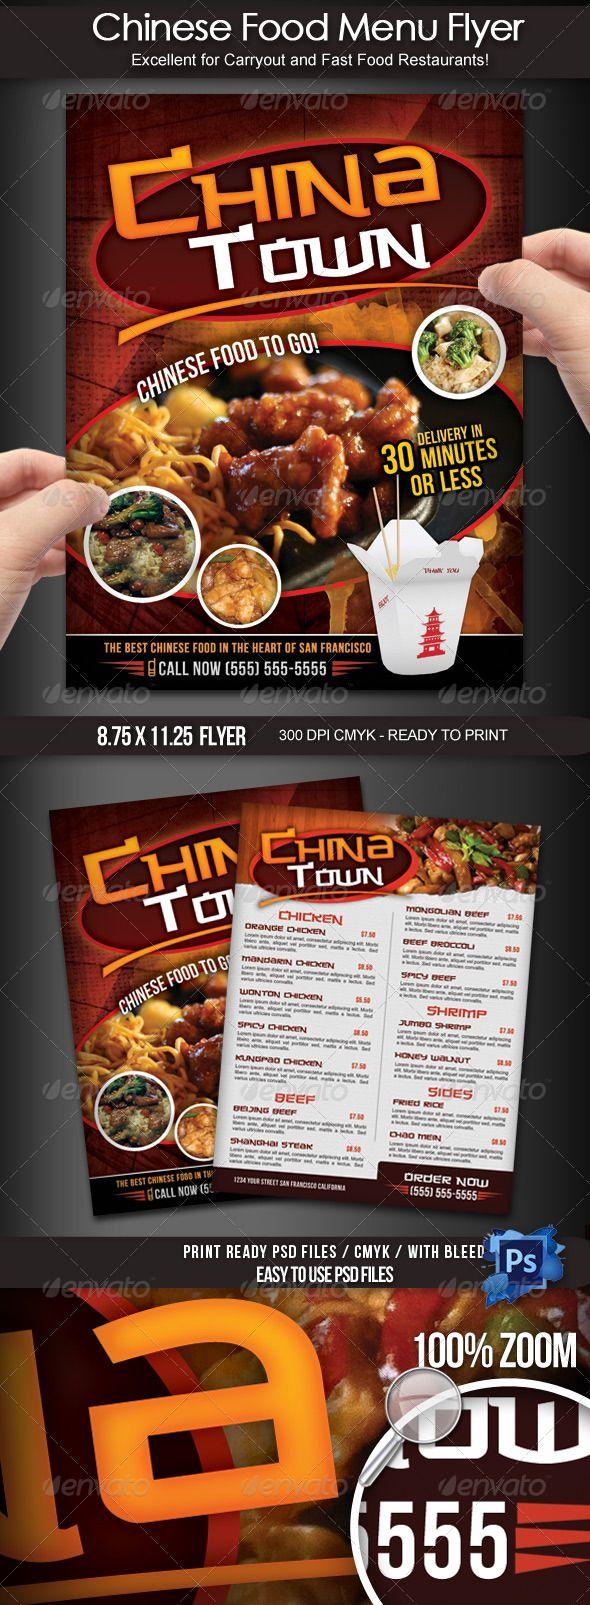 Chinese Food Menu Flyer – Menu Flyer Template